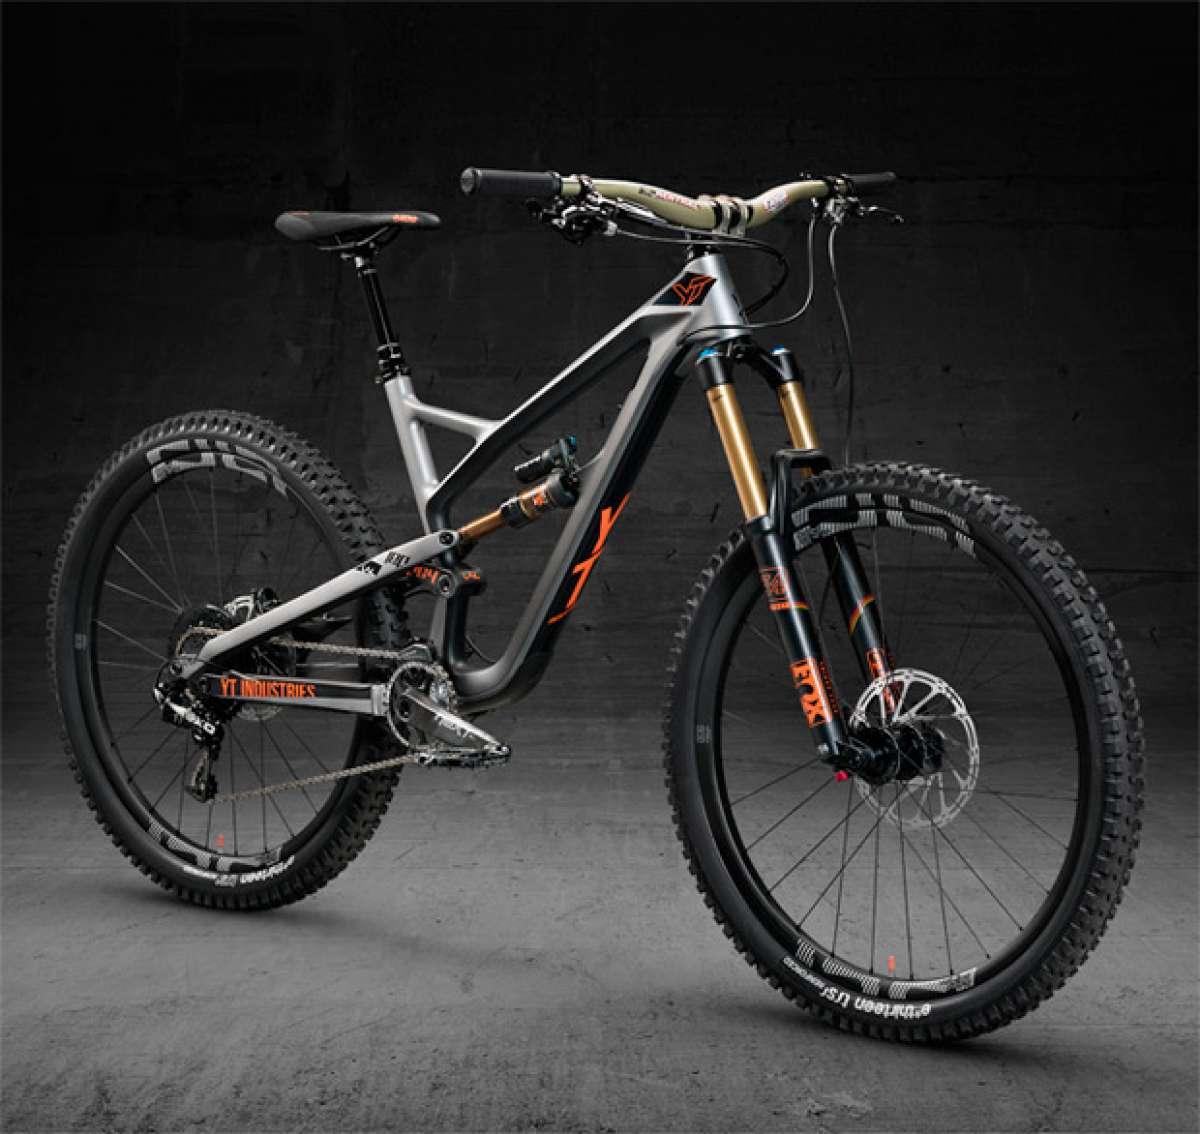 YT Jeffsy 27, ruedas de 27.5 pulgadas para la bicicleta más polivalente de la firma